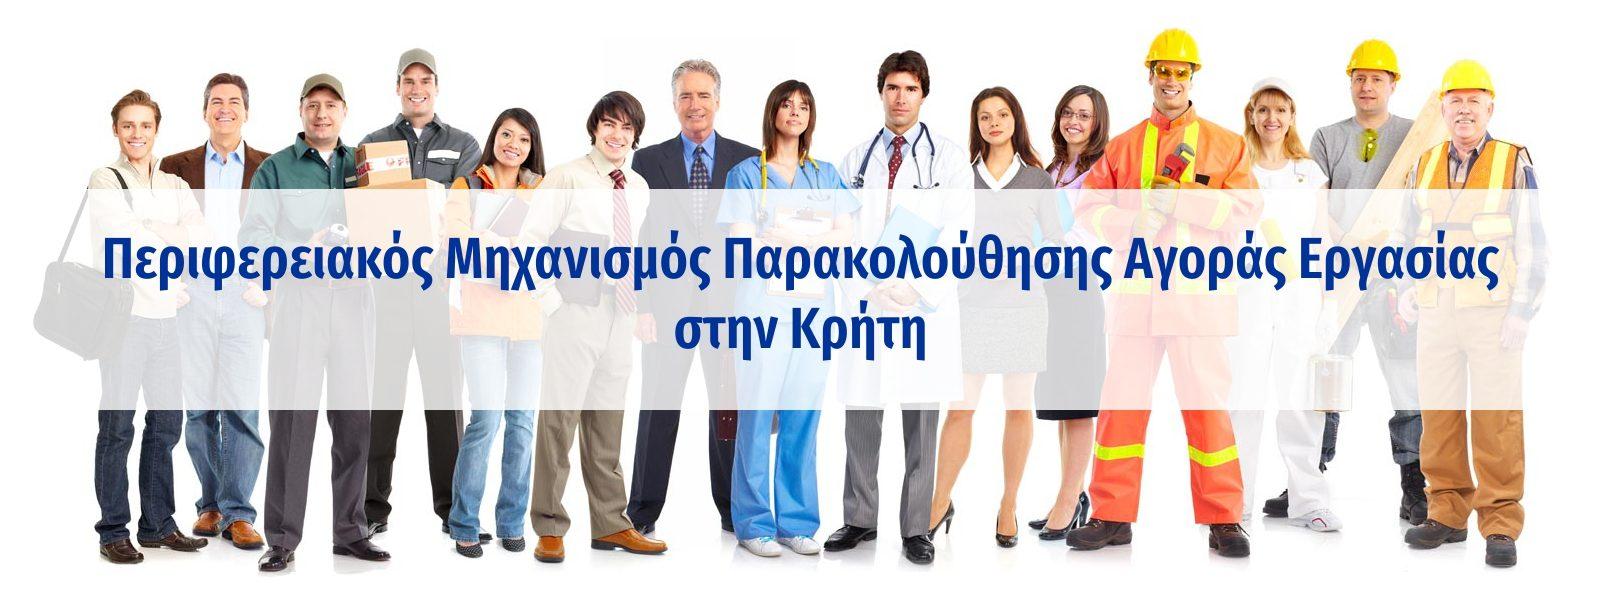 Μηχανισμός Παρακολούθησης Αγοράς Εργασίας